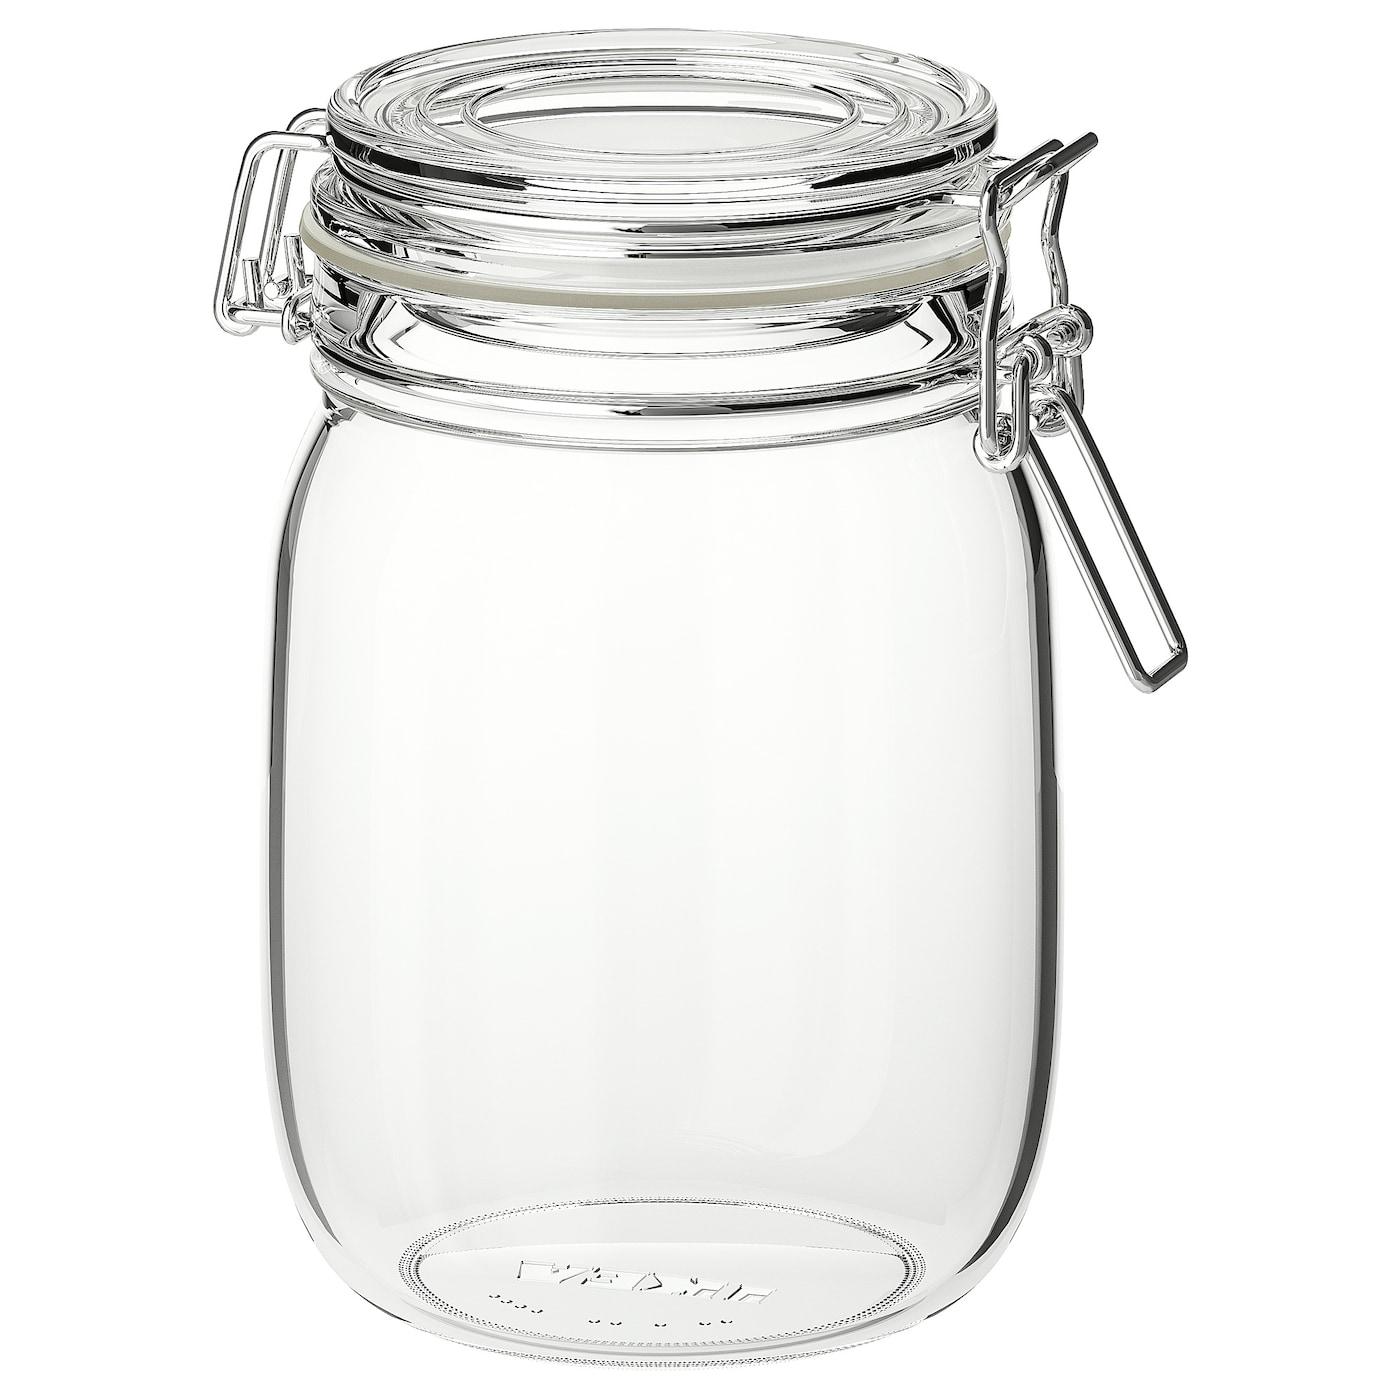 Korken Jar With Lid Clear Glass Learn More Ikea